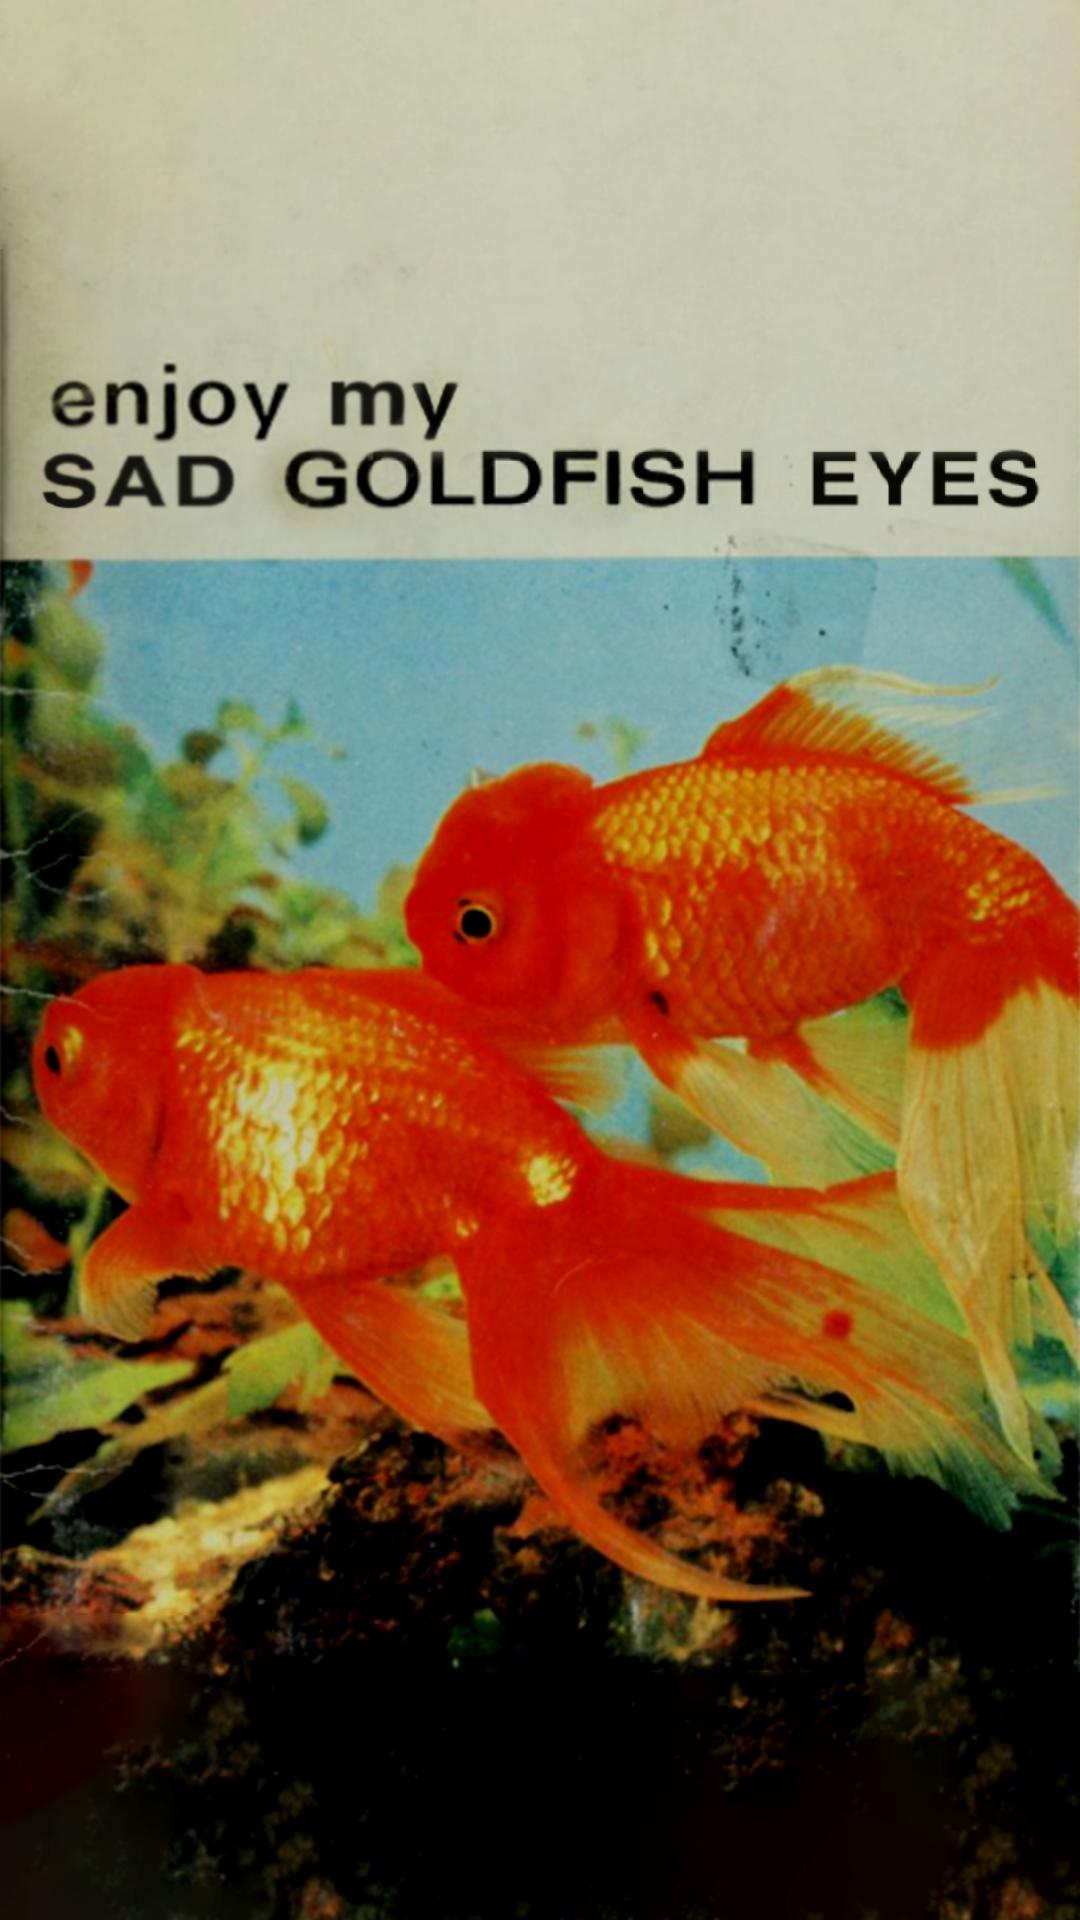 sadgoldfisheyes.jpg